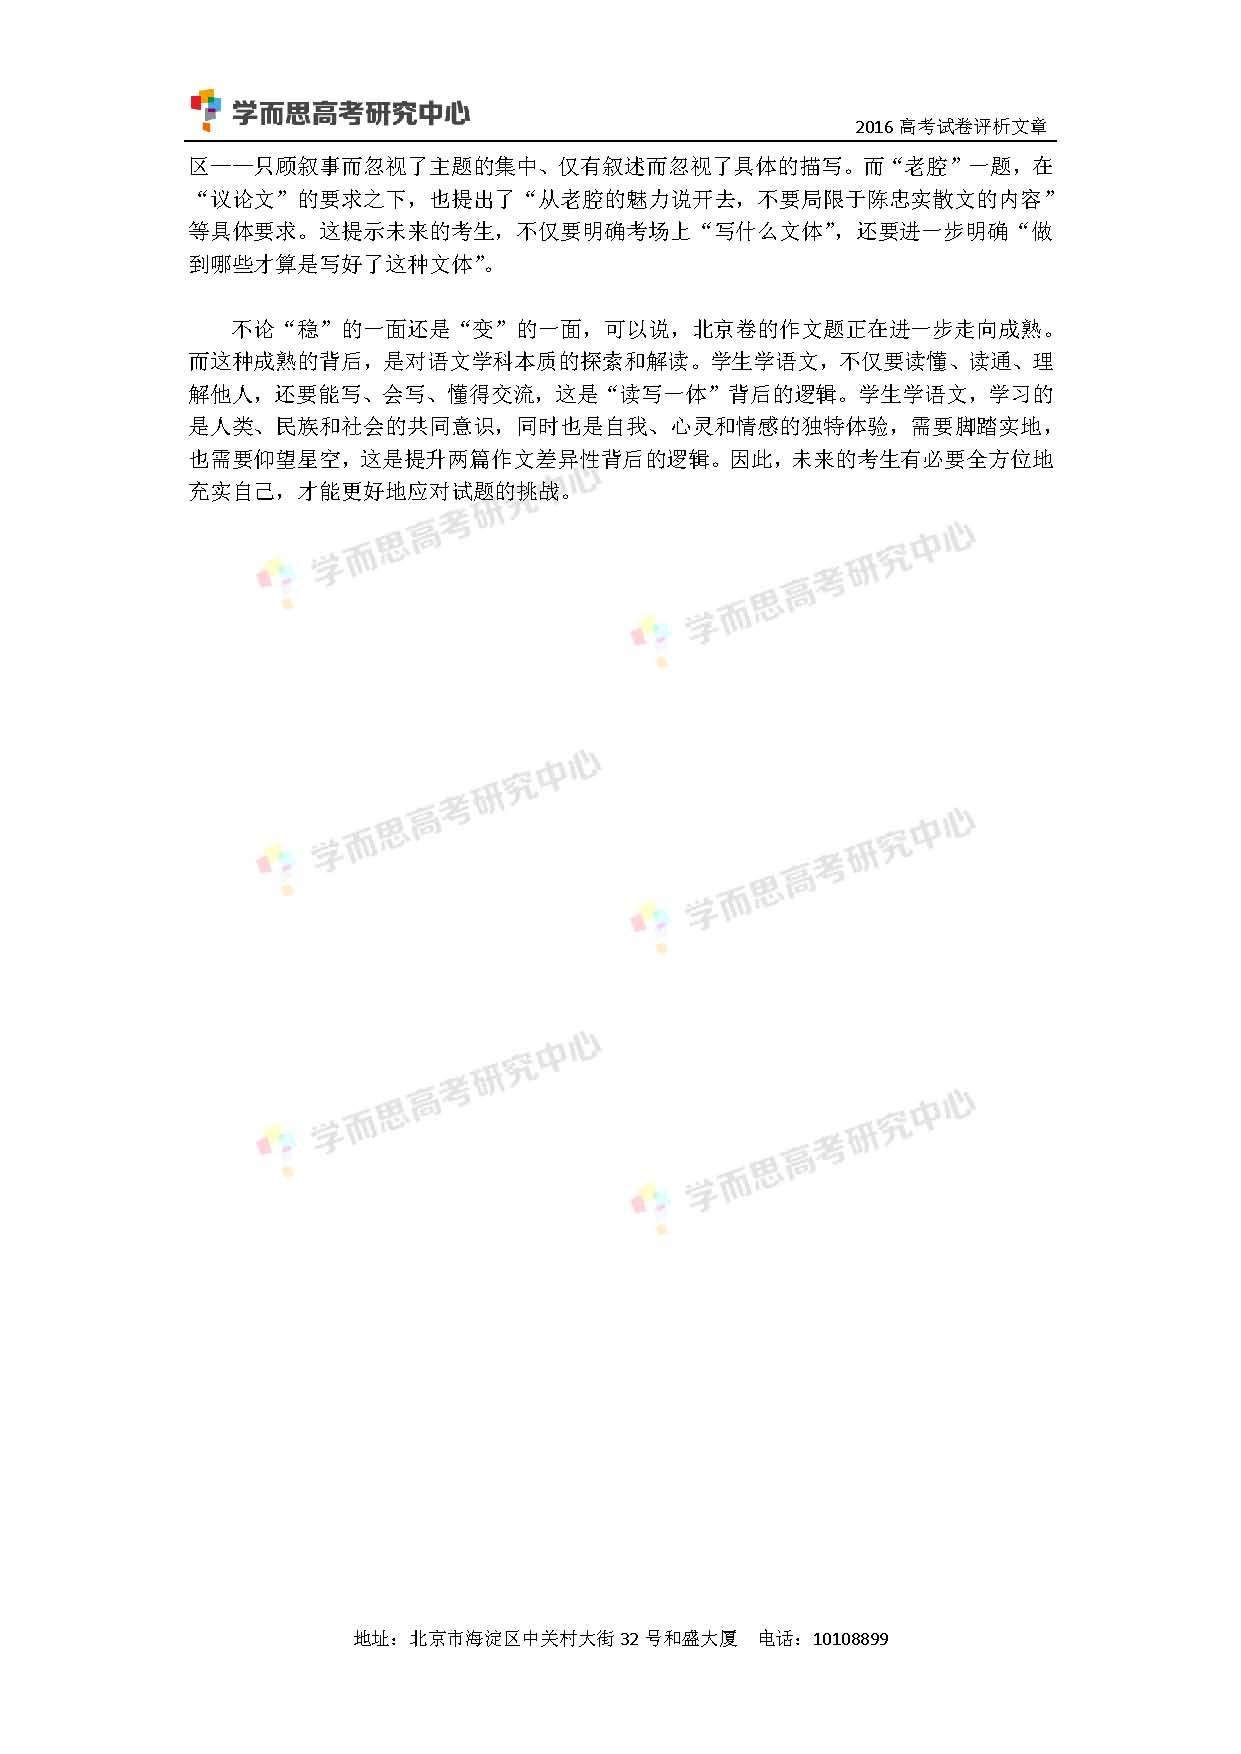 2016年北京高考大作文评析_页面_2.jpg